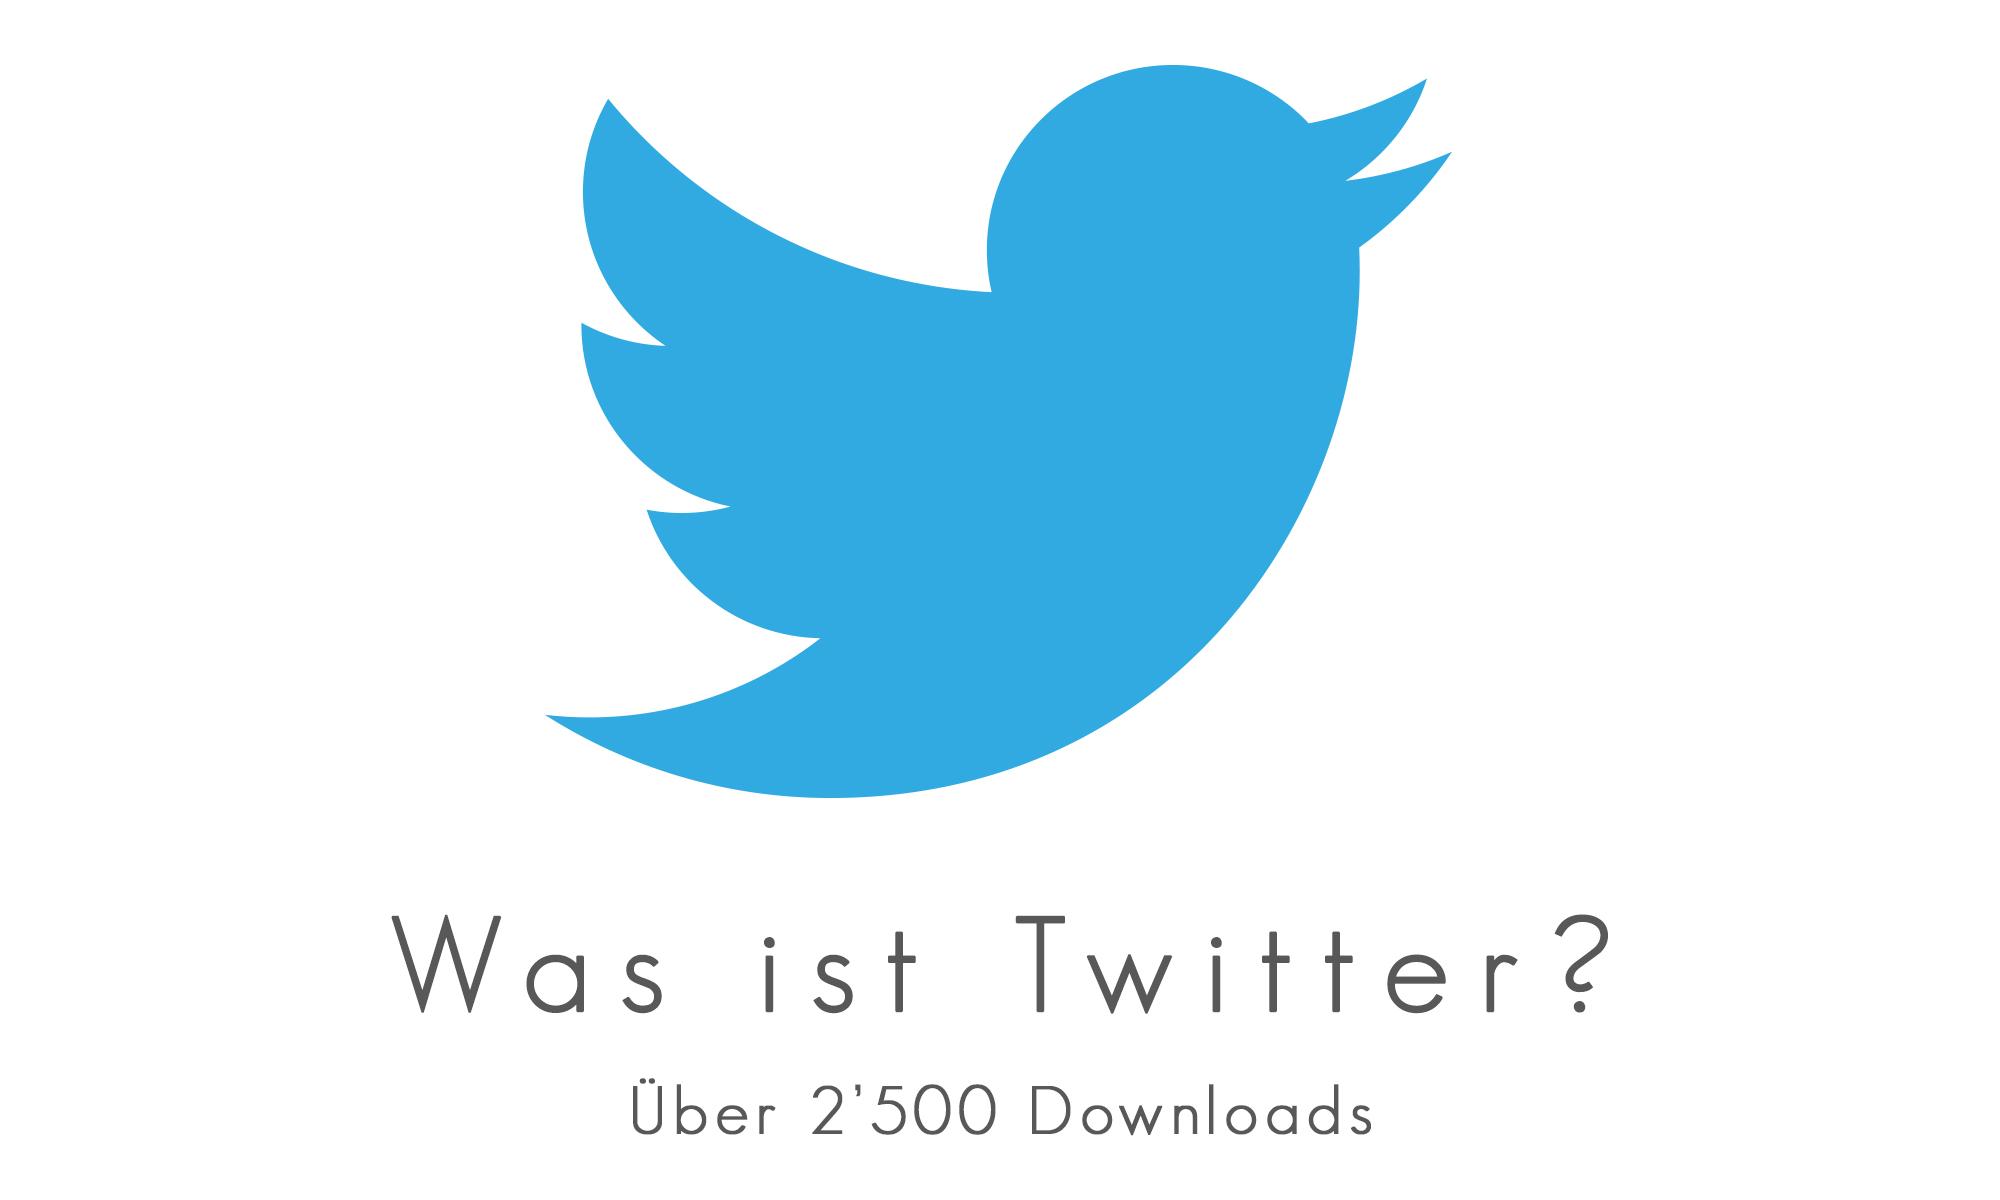 Was ist Twitter